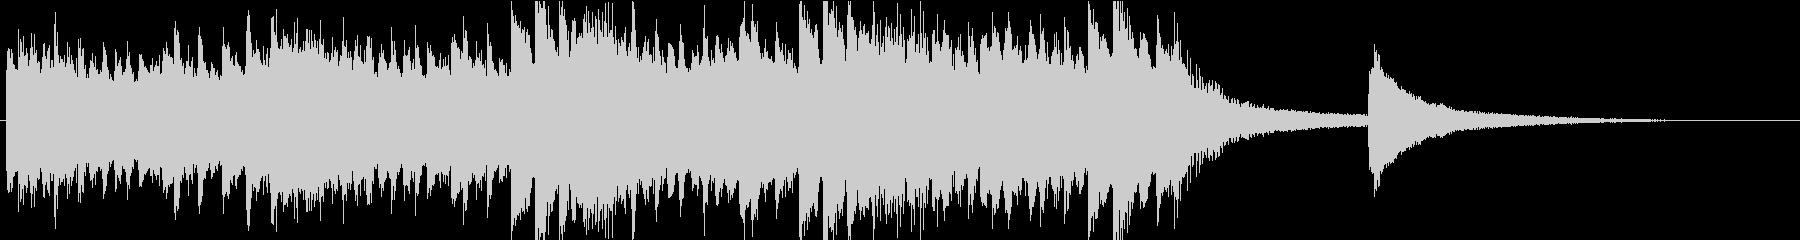 ピアノ、ロゴ、ジングルの未再生の波形